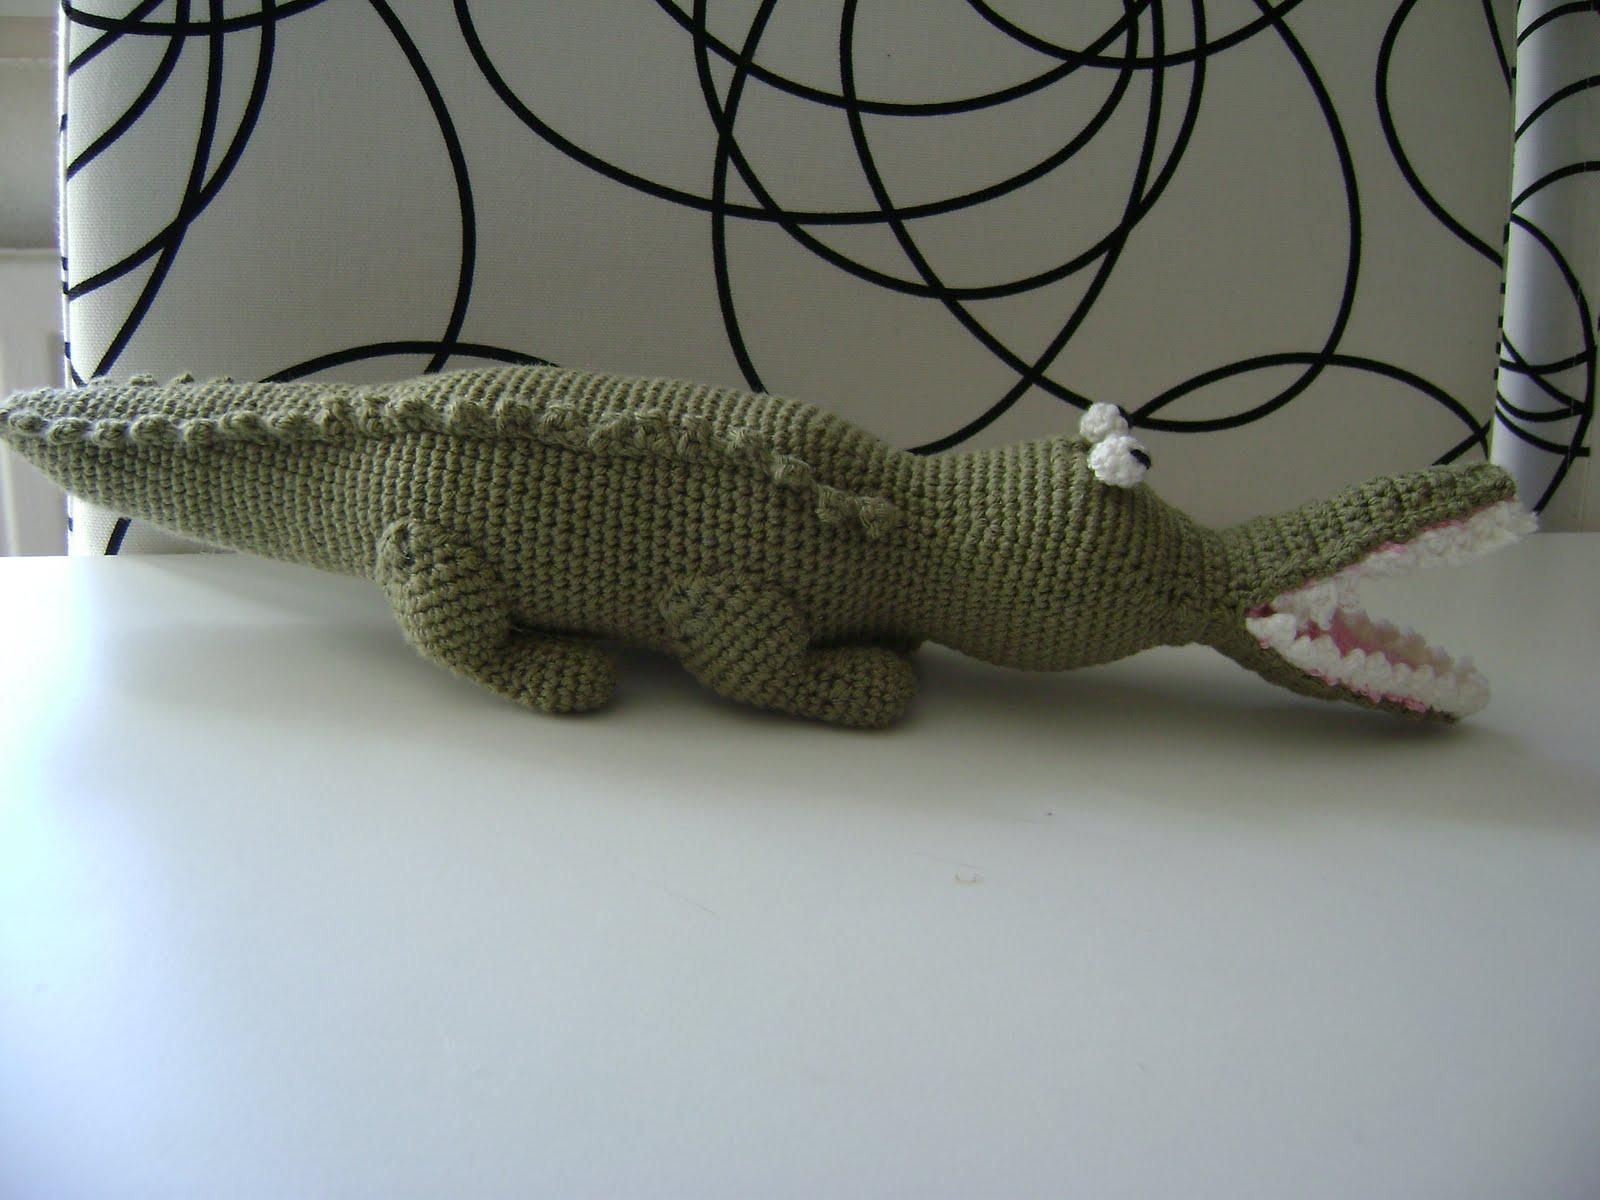 Krokodil ficken